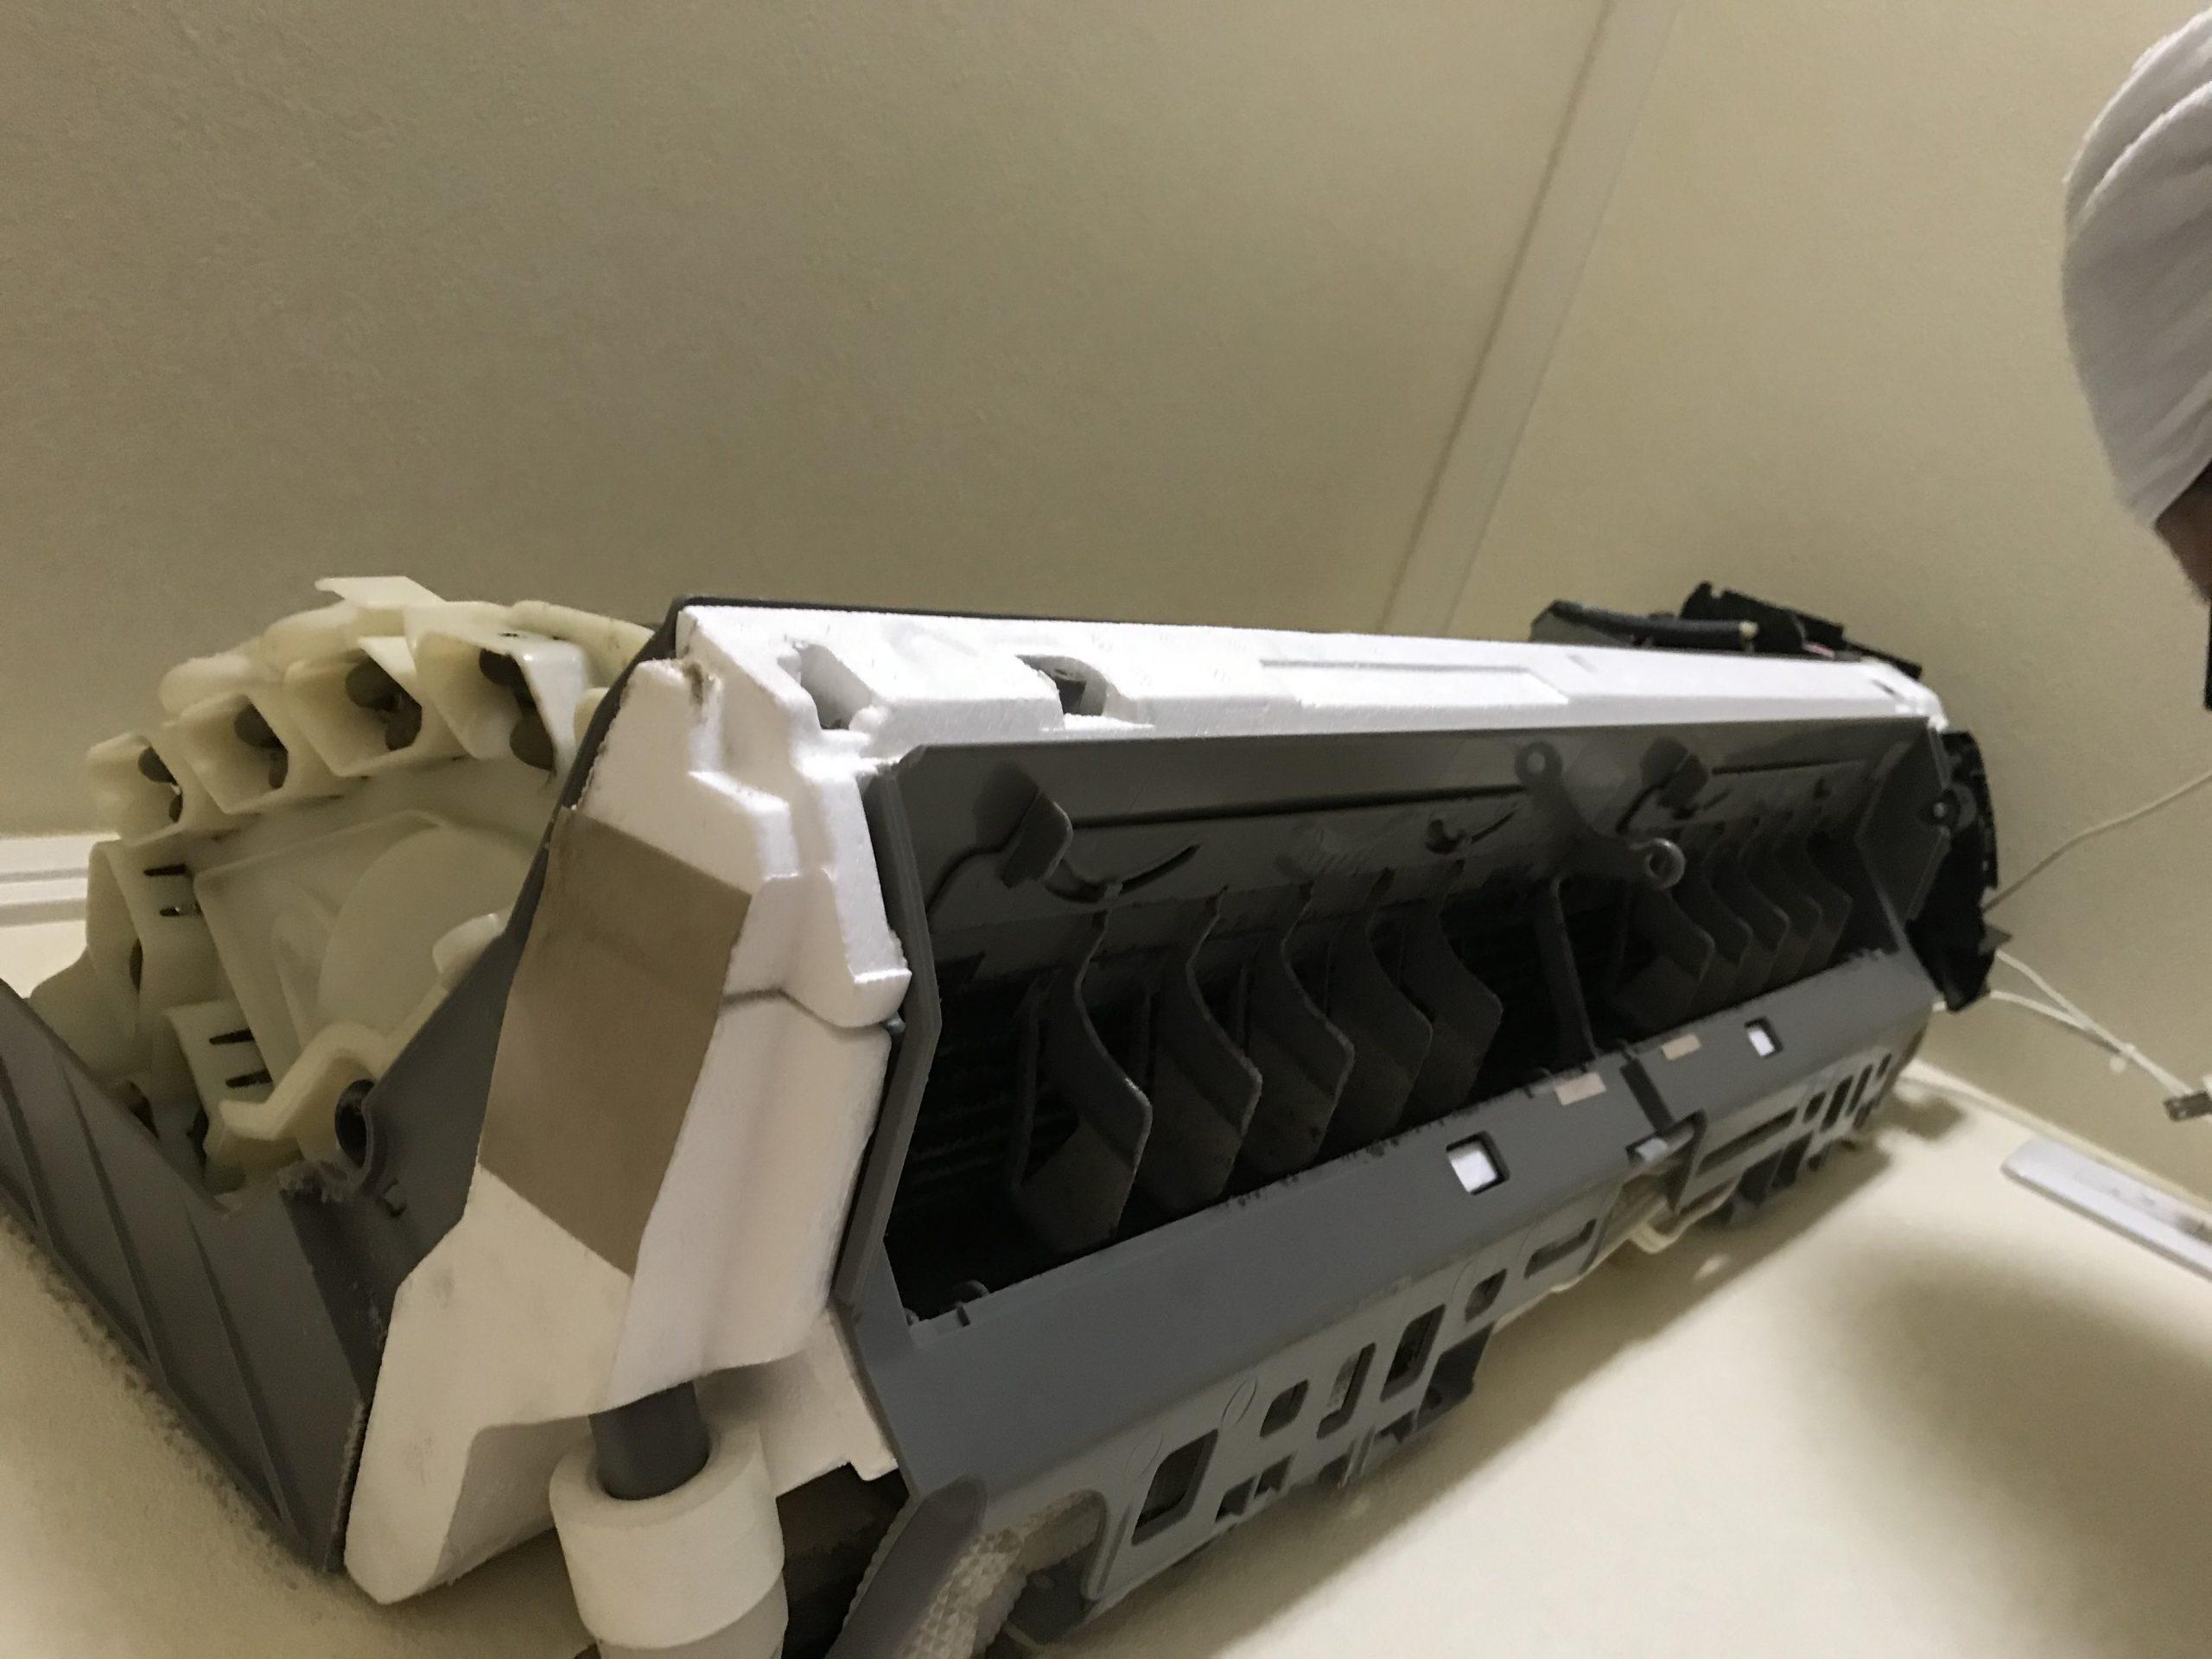 F25LTES-W 壁掛けオーバーホールクリーニング